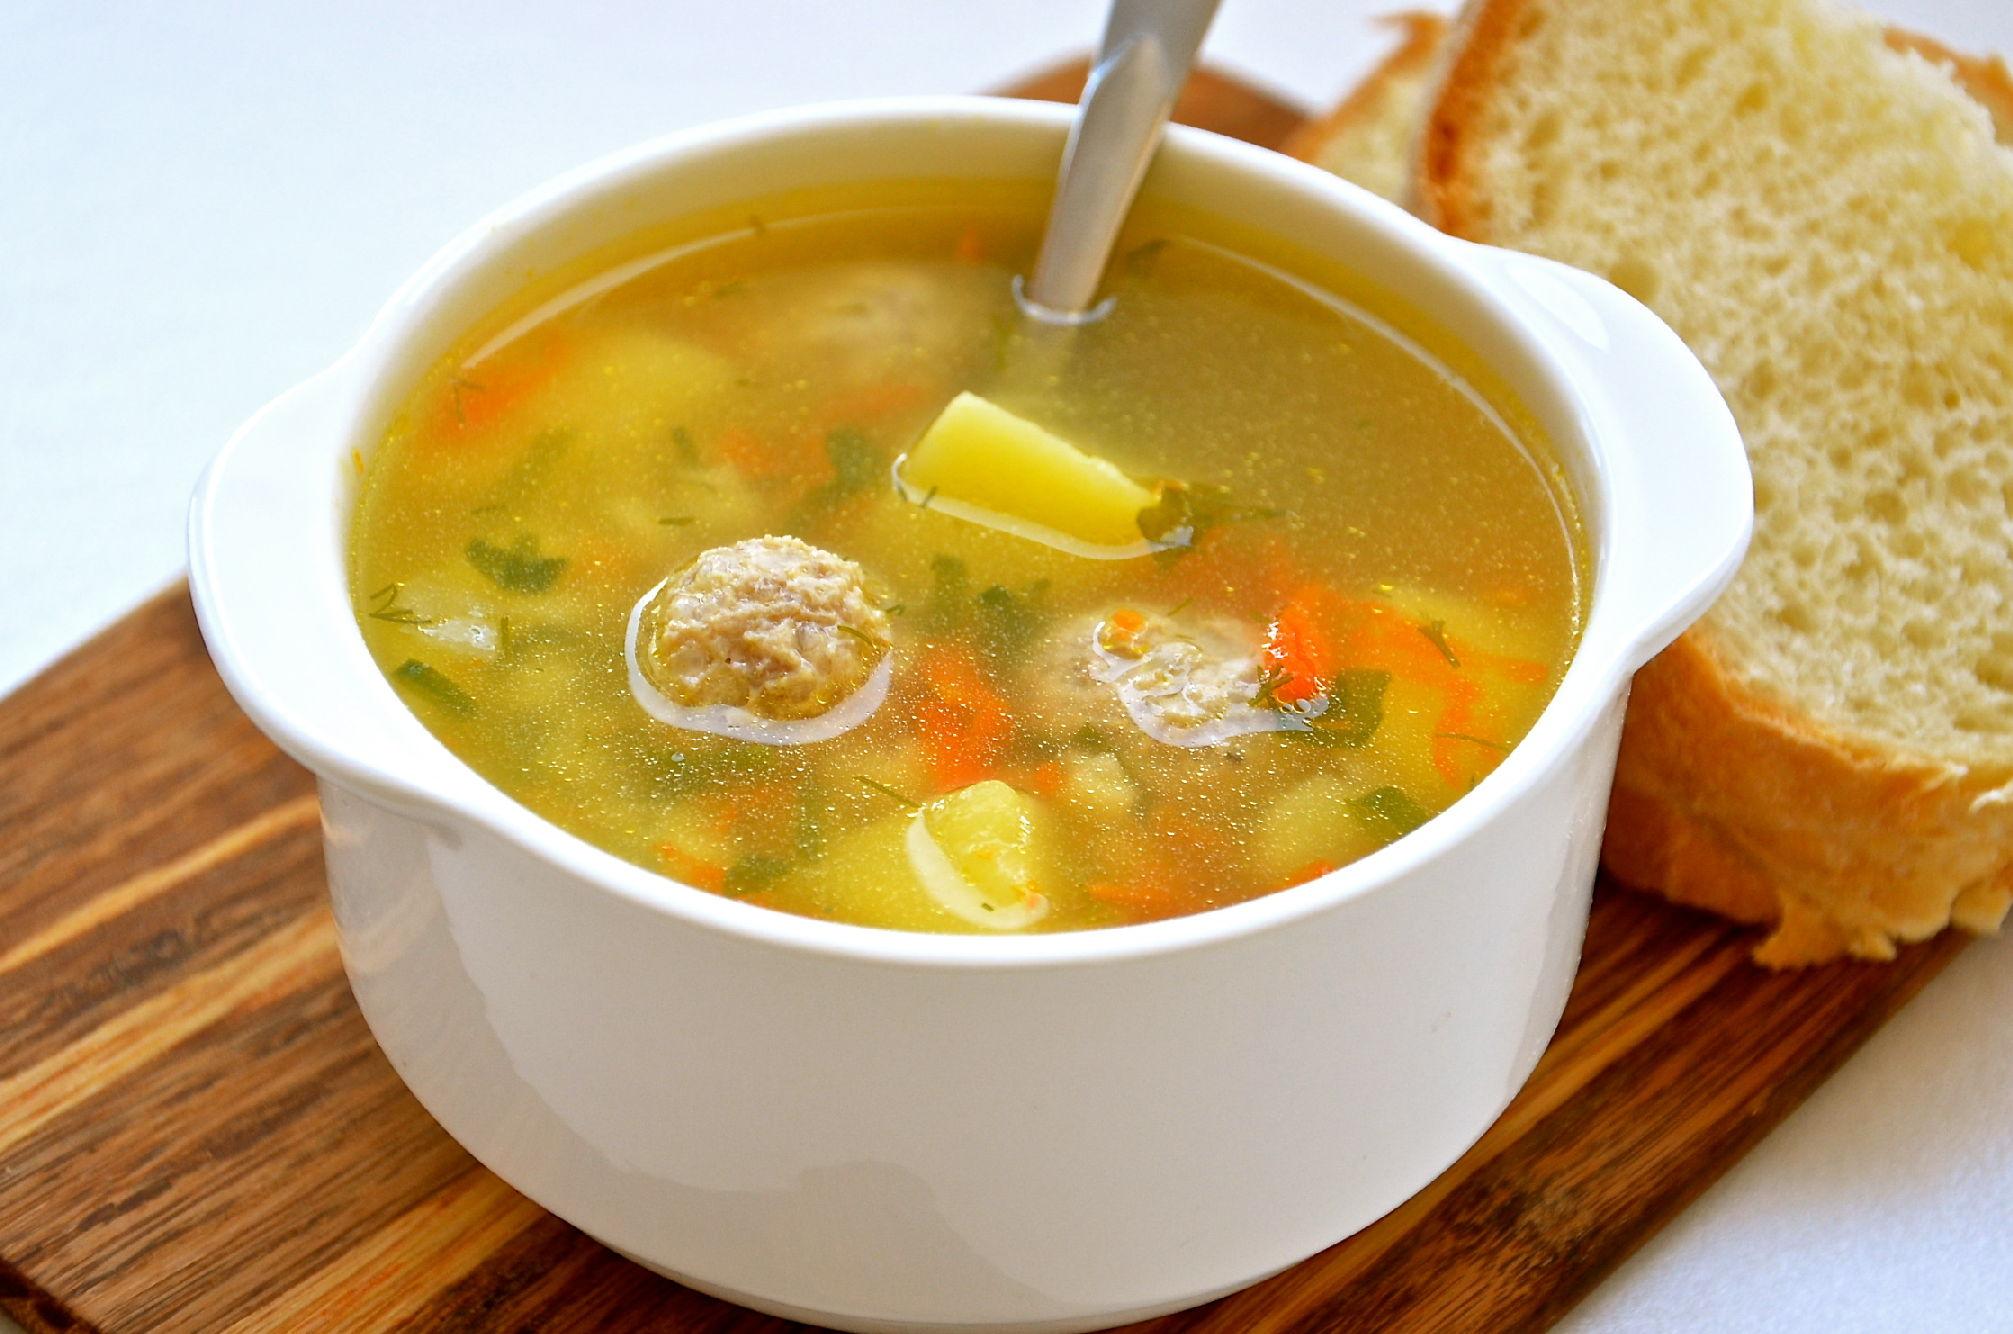 рецепт томатного супа из фрайдис